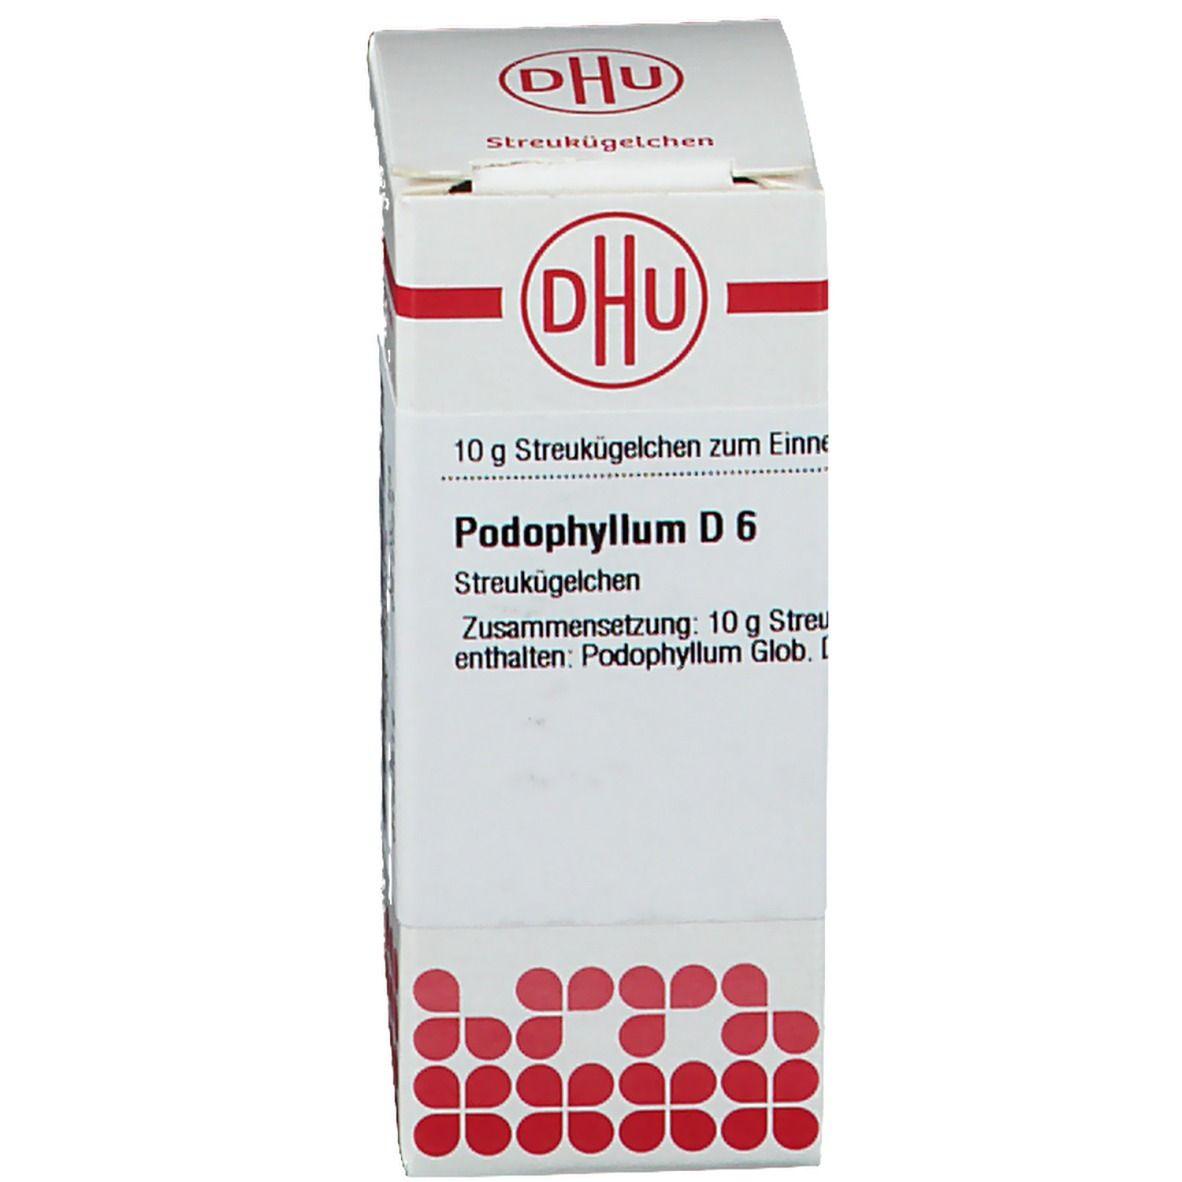 DHU Podophyllum D6